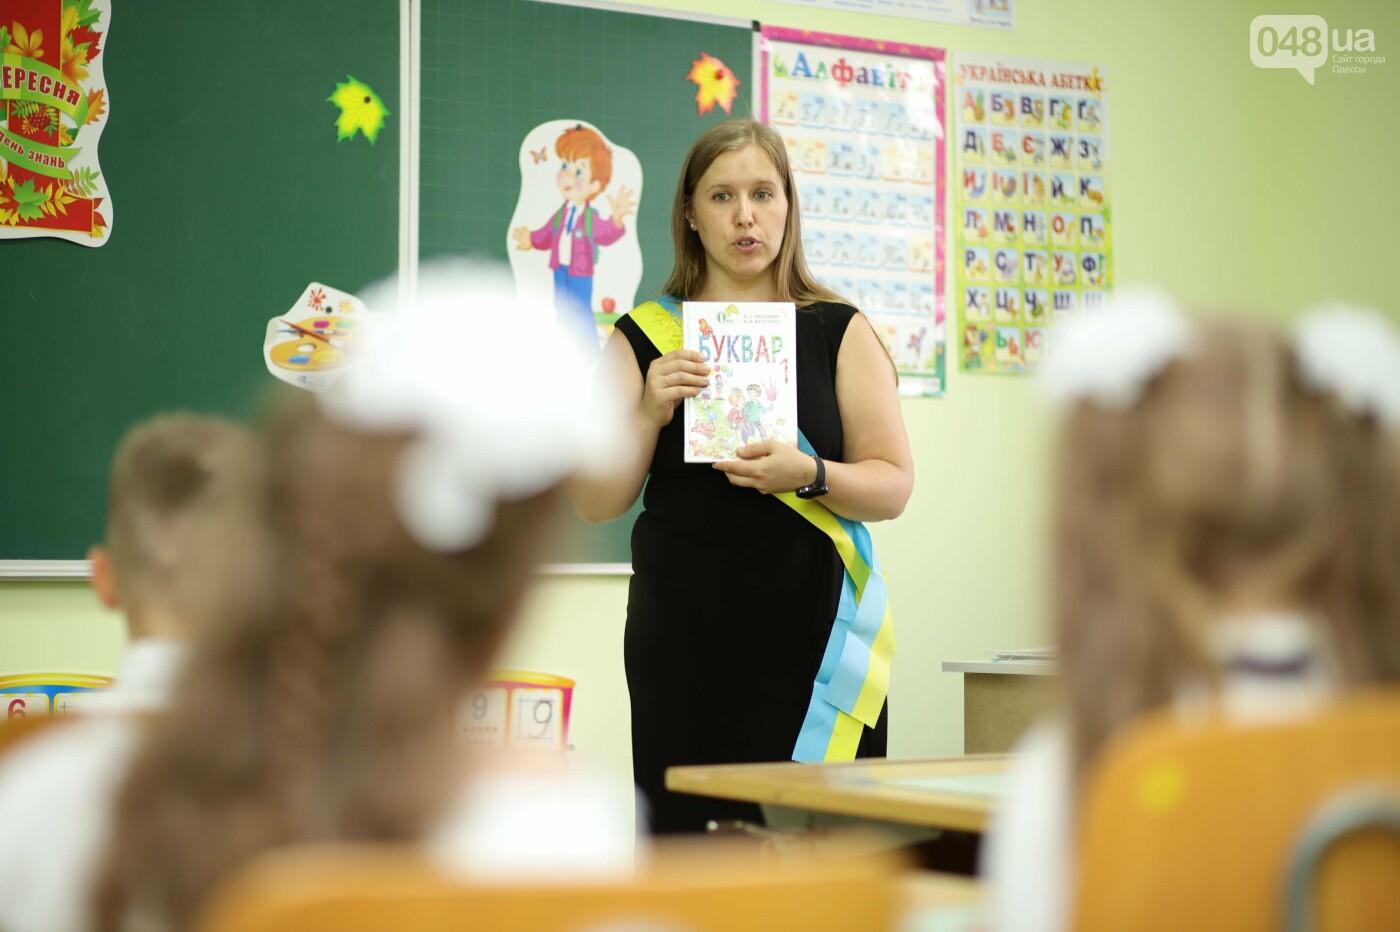 Детские сады и школы в Одессе, где учить ребенка?, фото-13